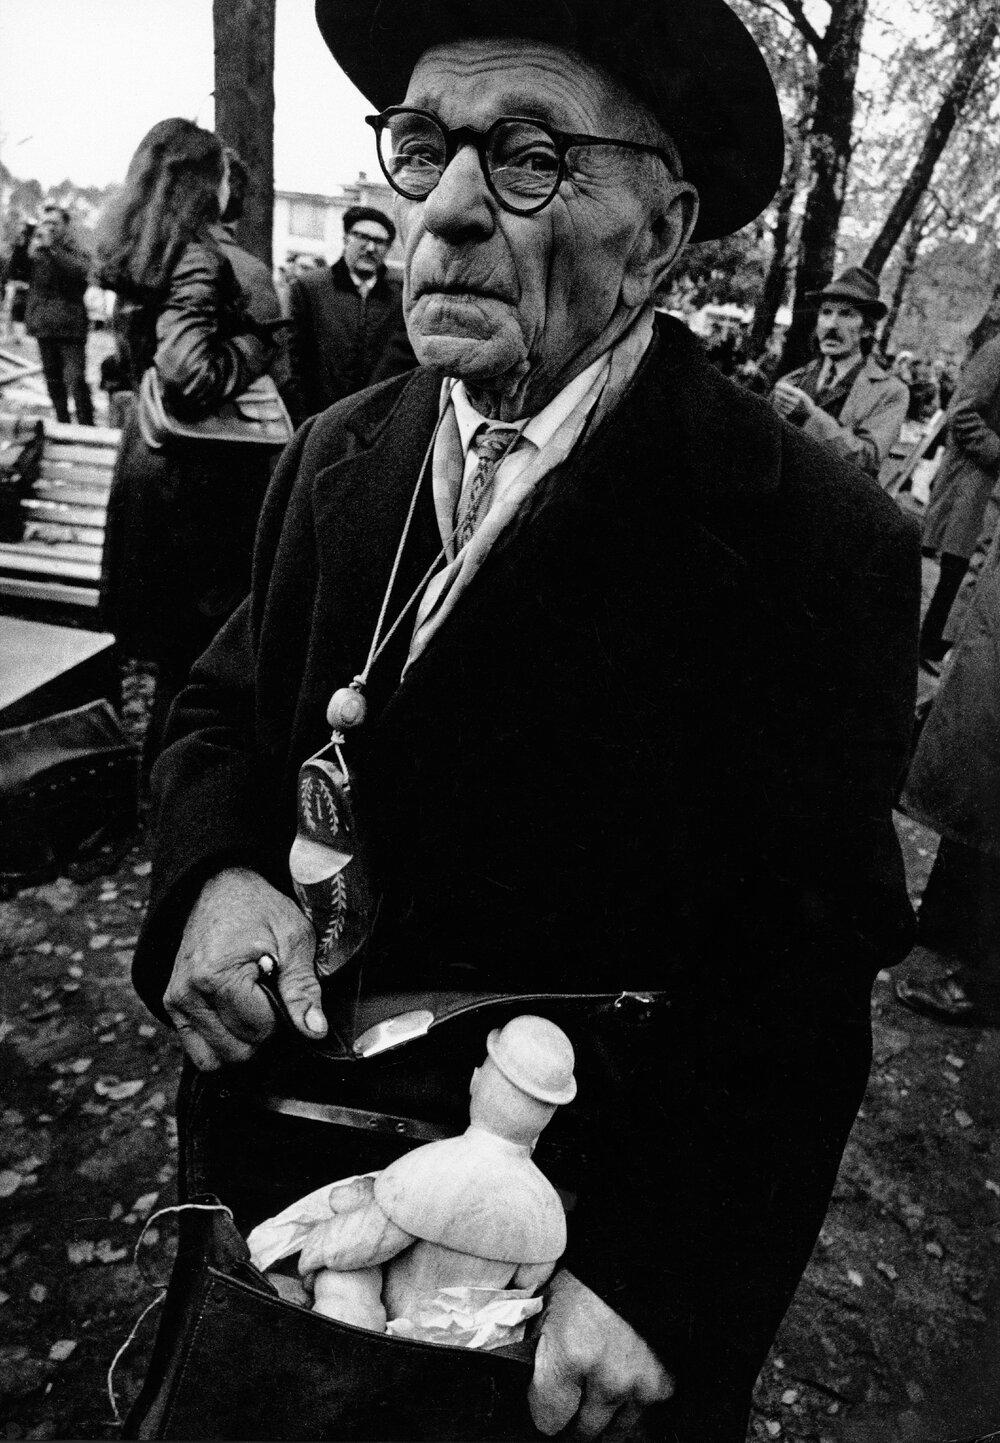 Александрас Мацияускас, 1968